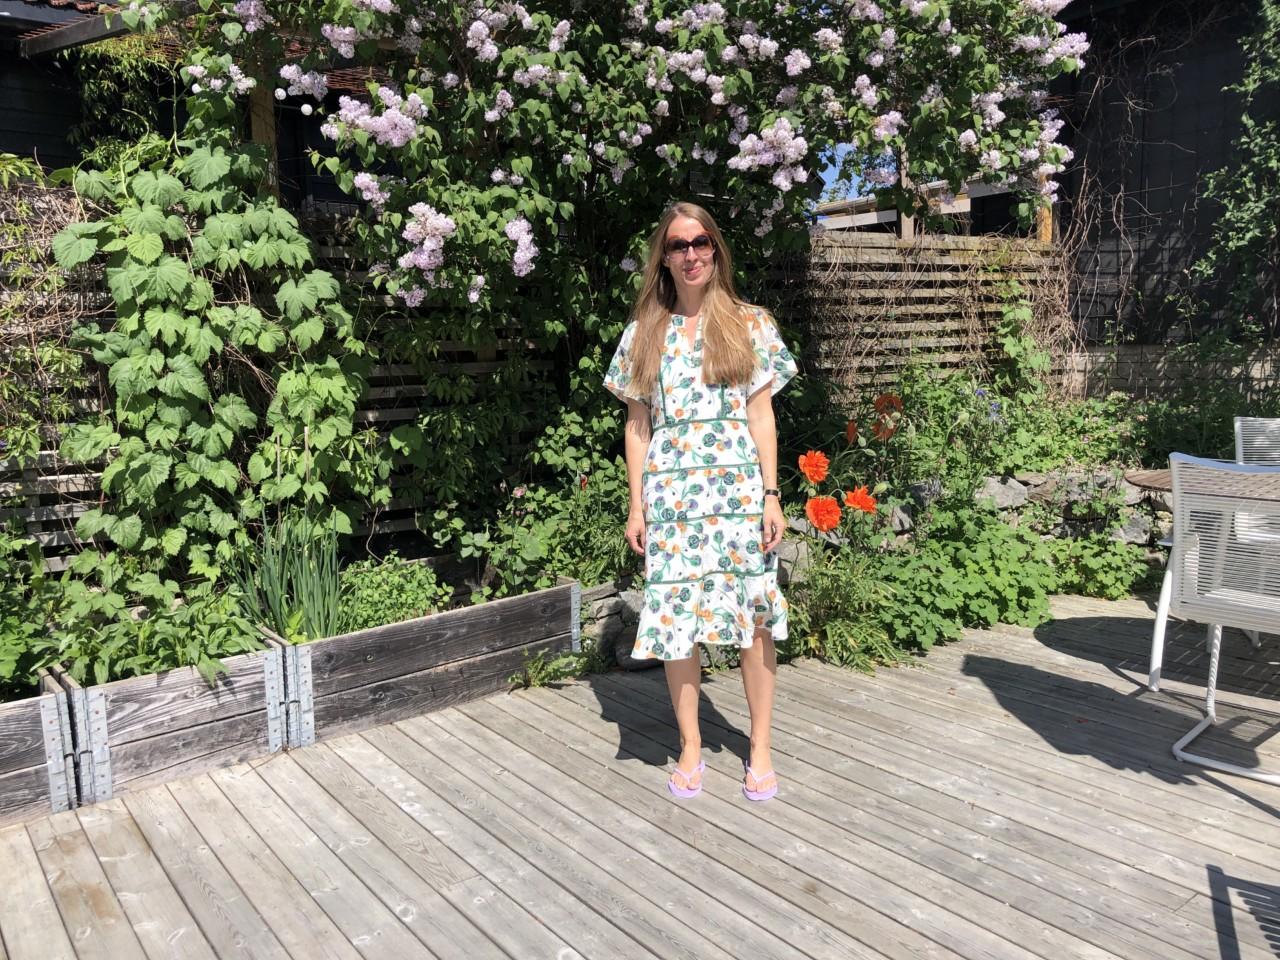 anja-stang-velkommen-til-nye-greenhouse-kjole-terrasse